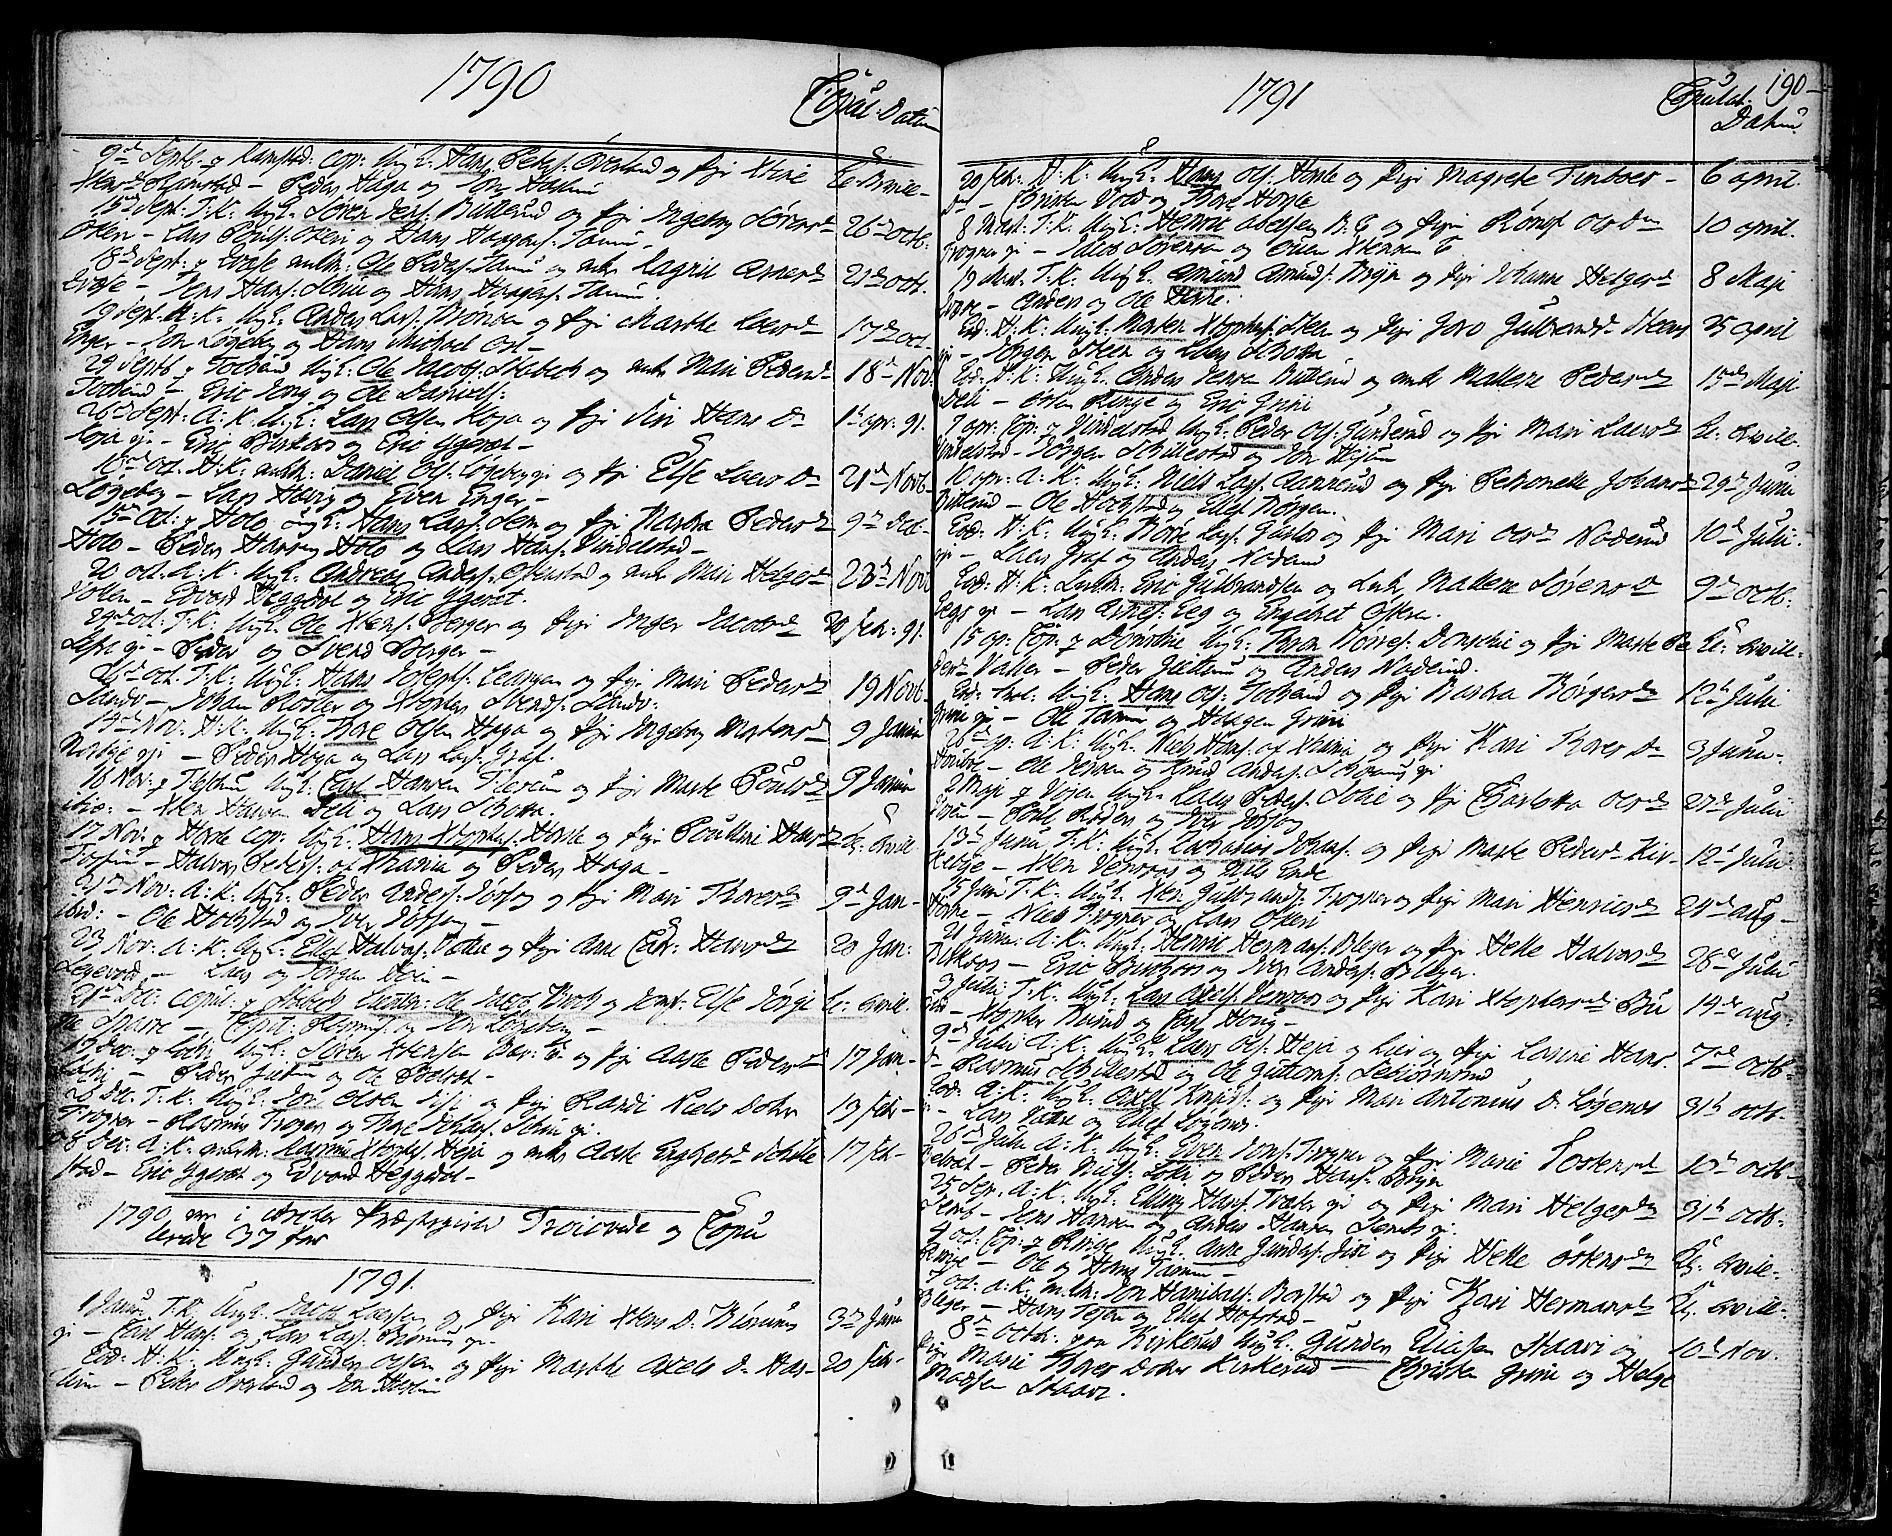 SAO, Asker prestekontor Kirkebøker, F/Fa/L0003: Ministerialbok nr. I 3, 1767-1807, s. 190